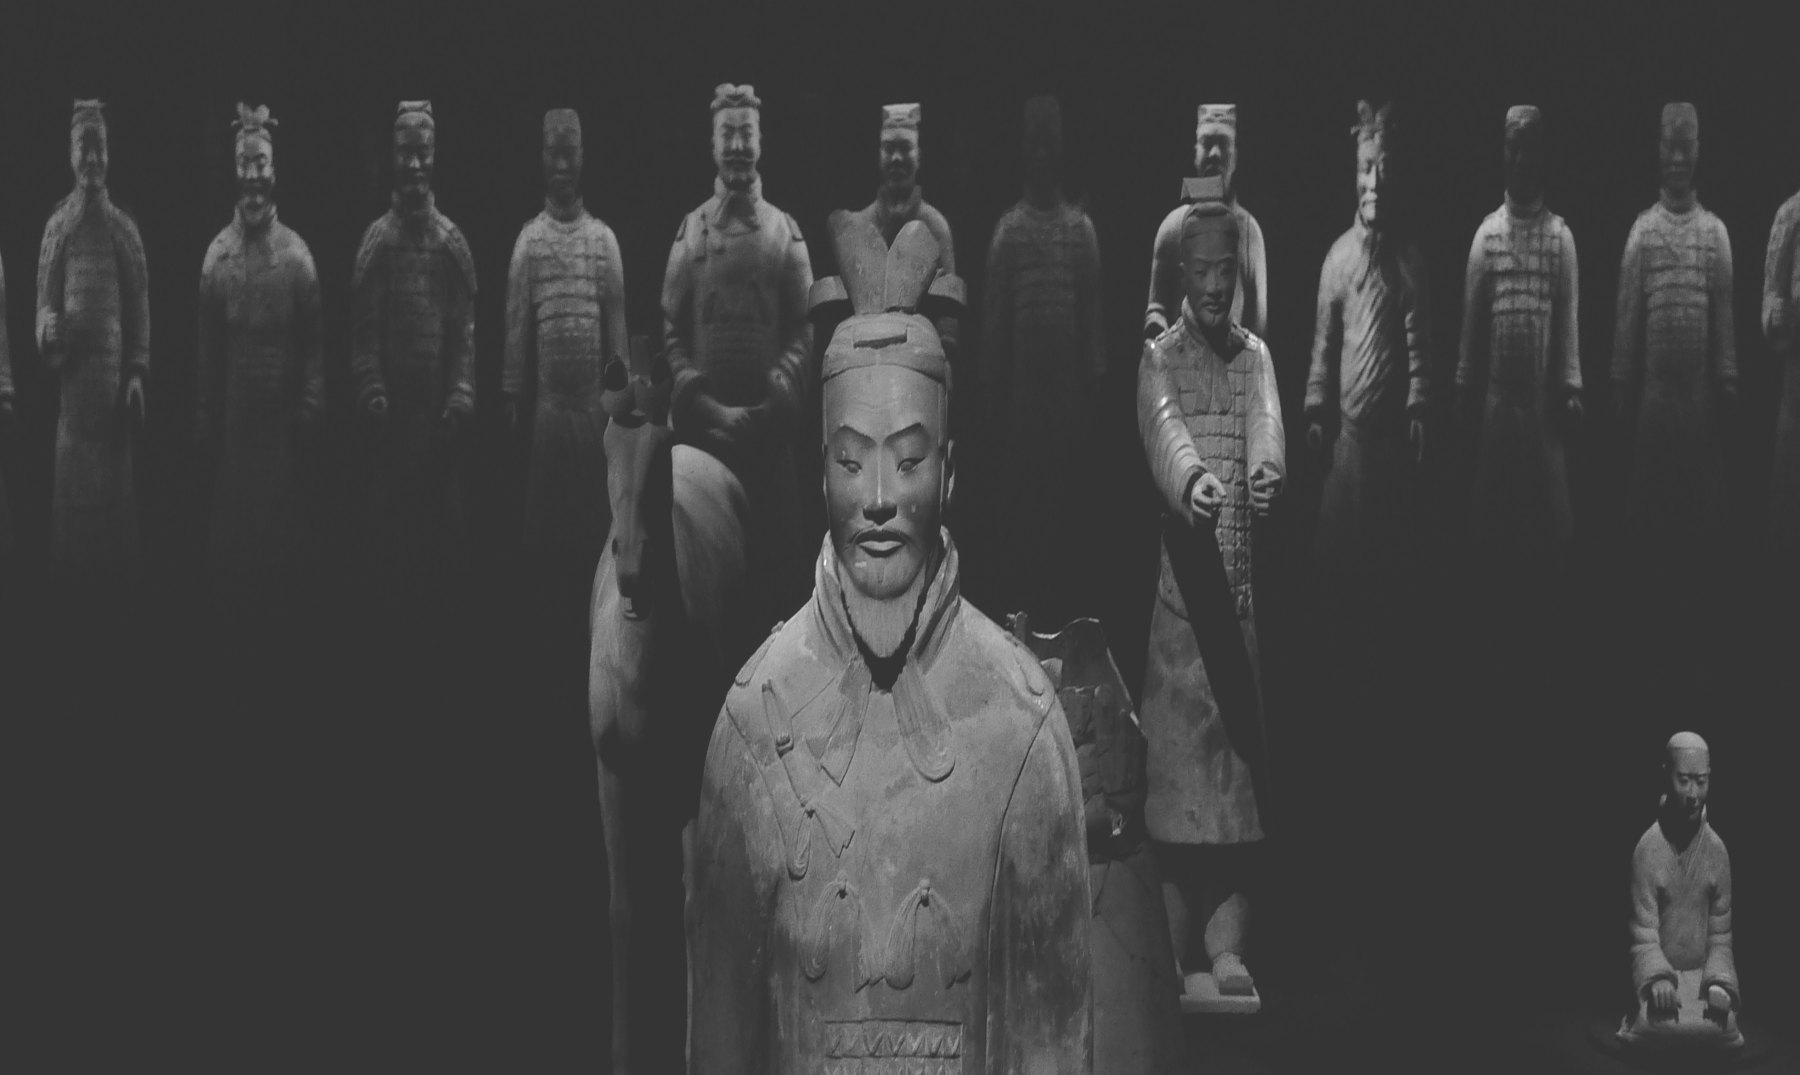 Las más escalofriantes torturas chinas (Parte III)